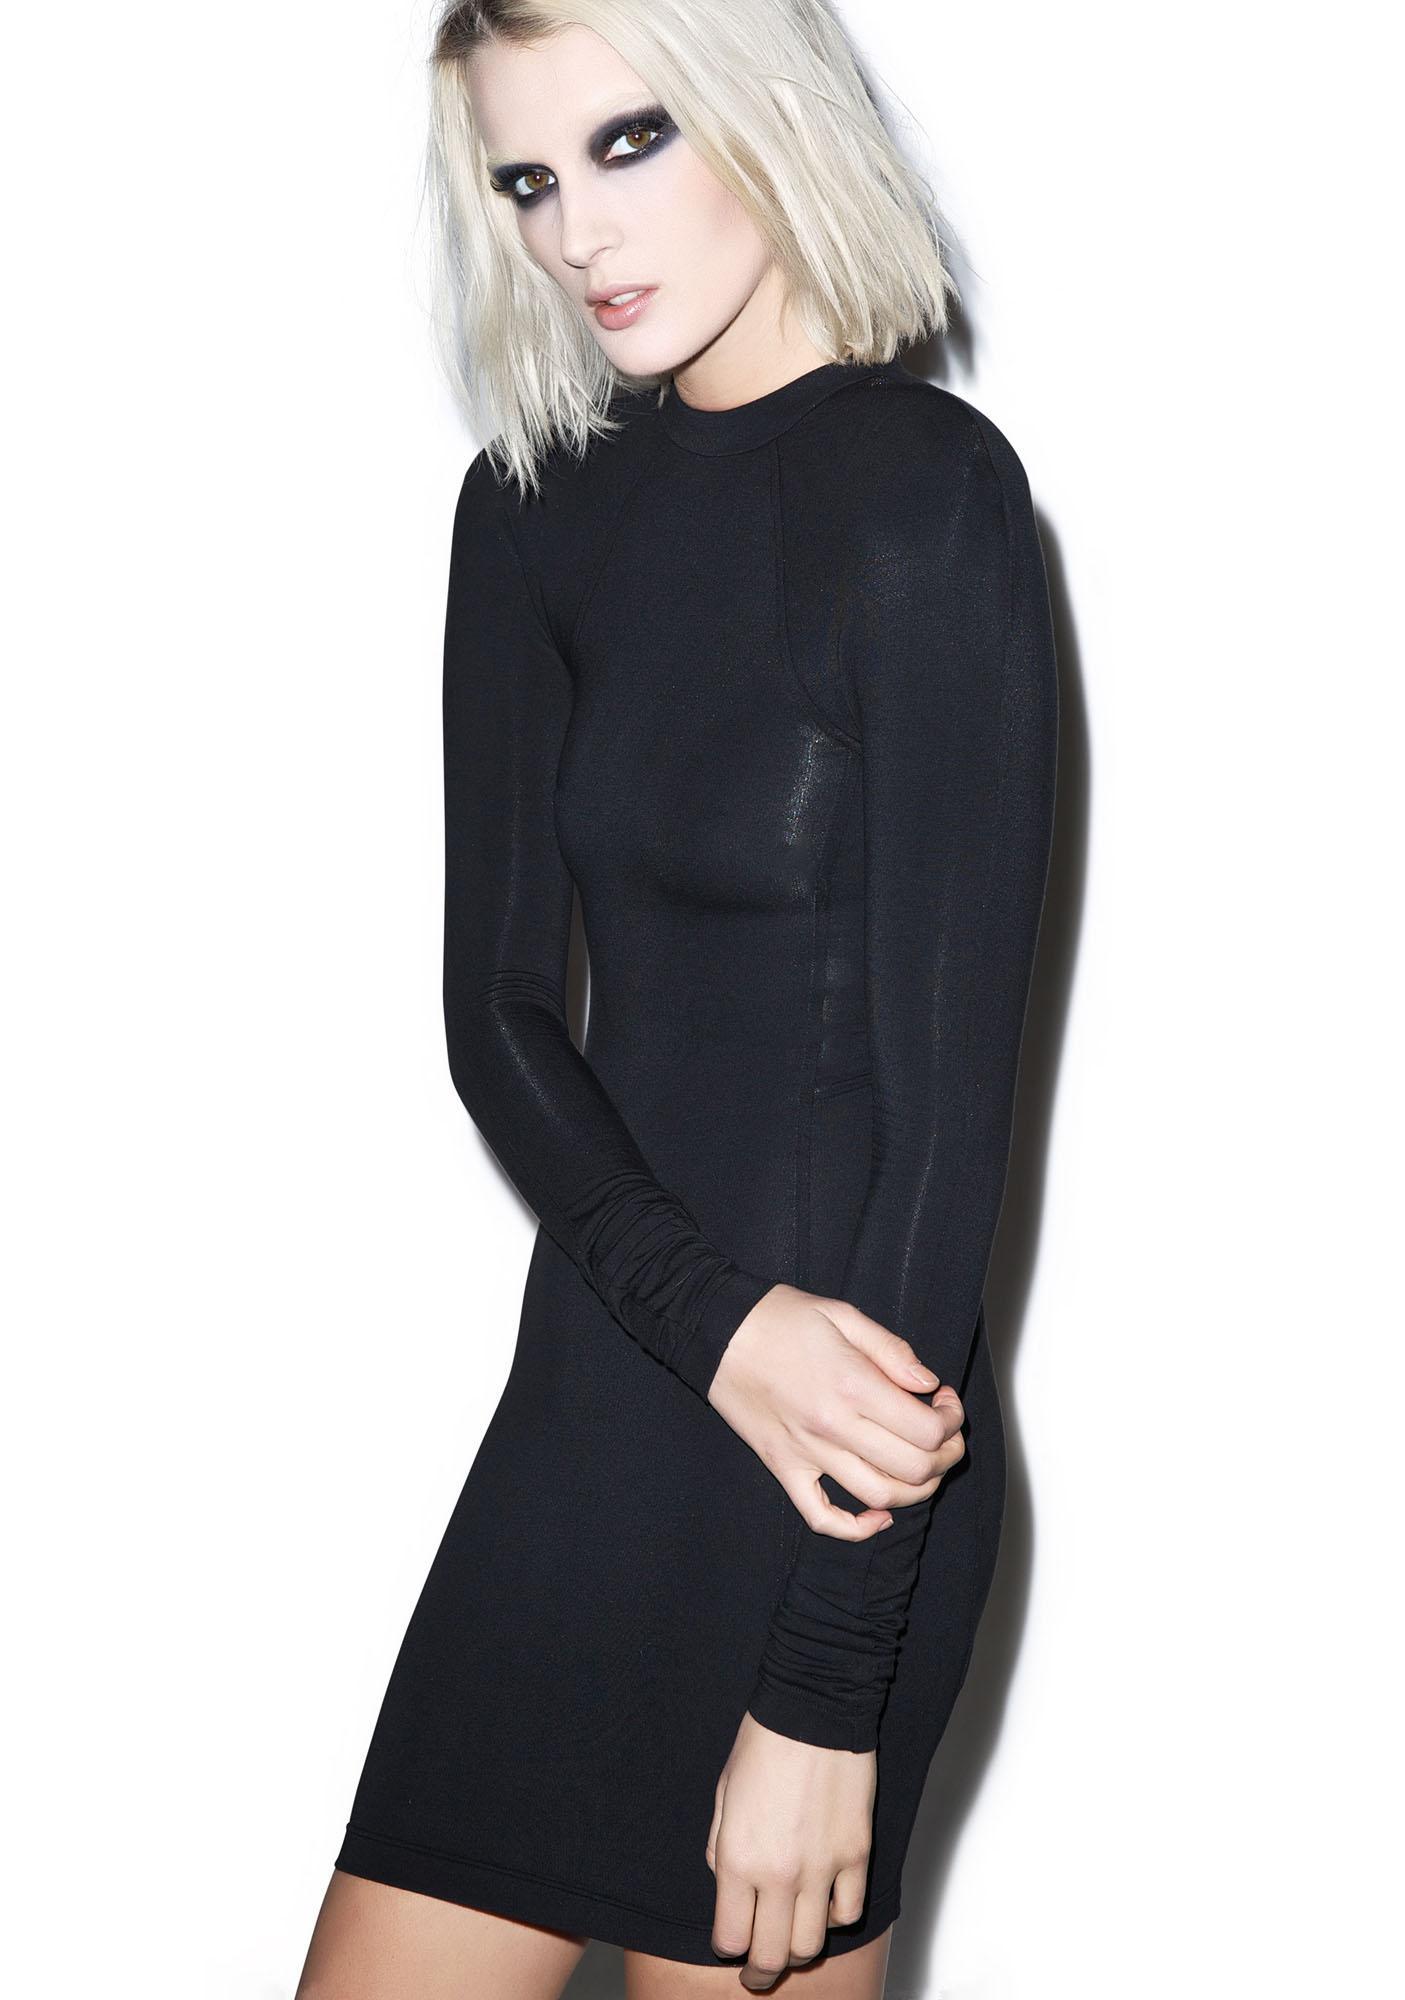 Black Scale Katka Dress